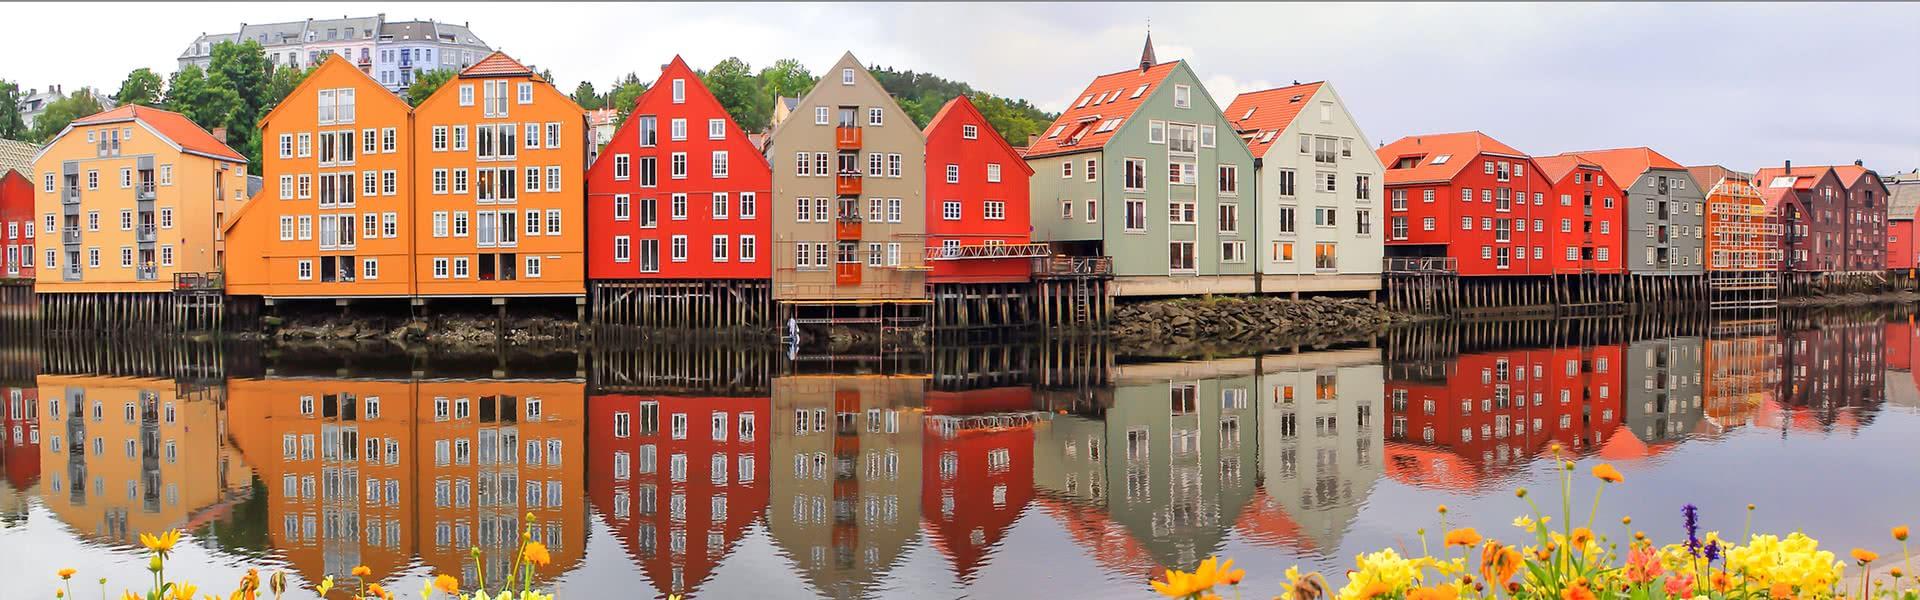 Titelbild von Trondheim